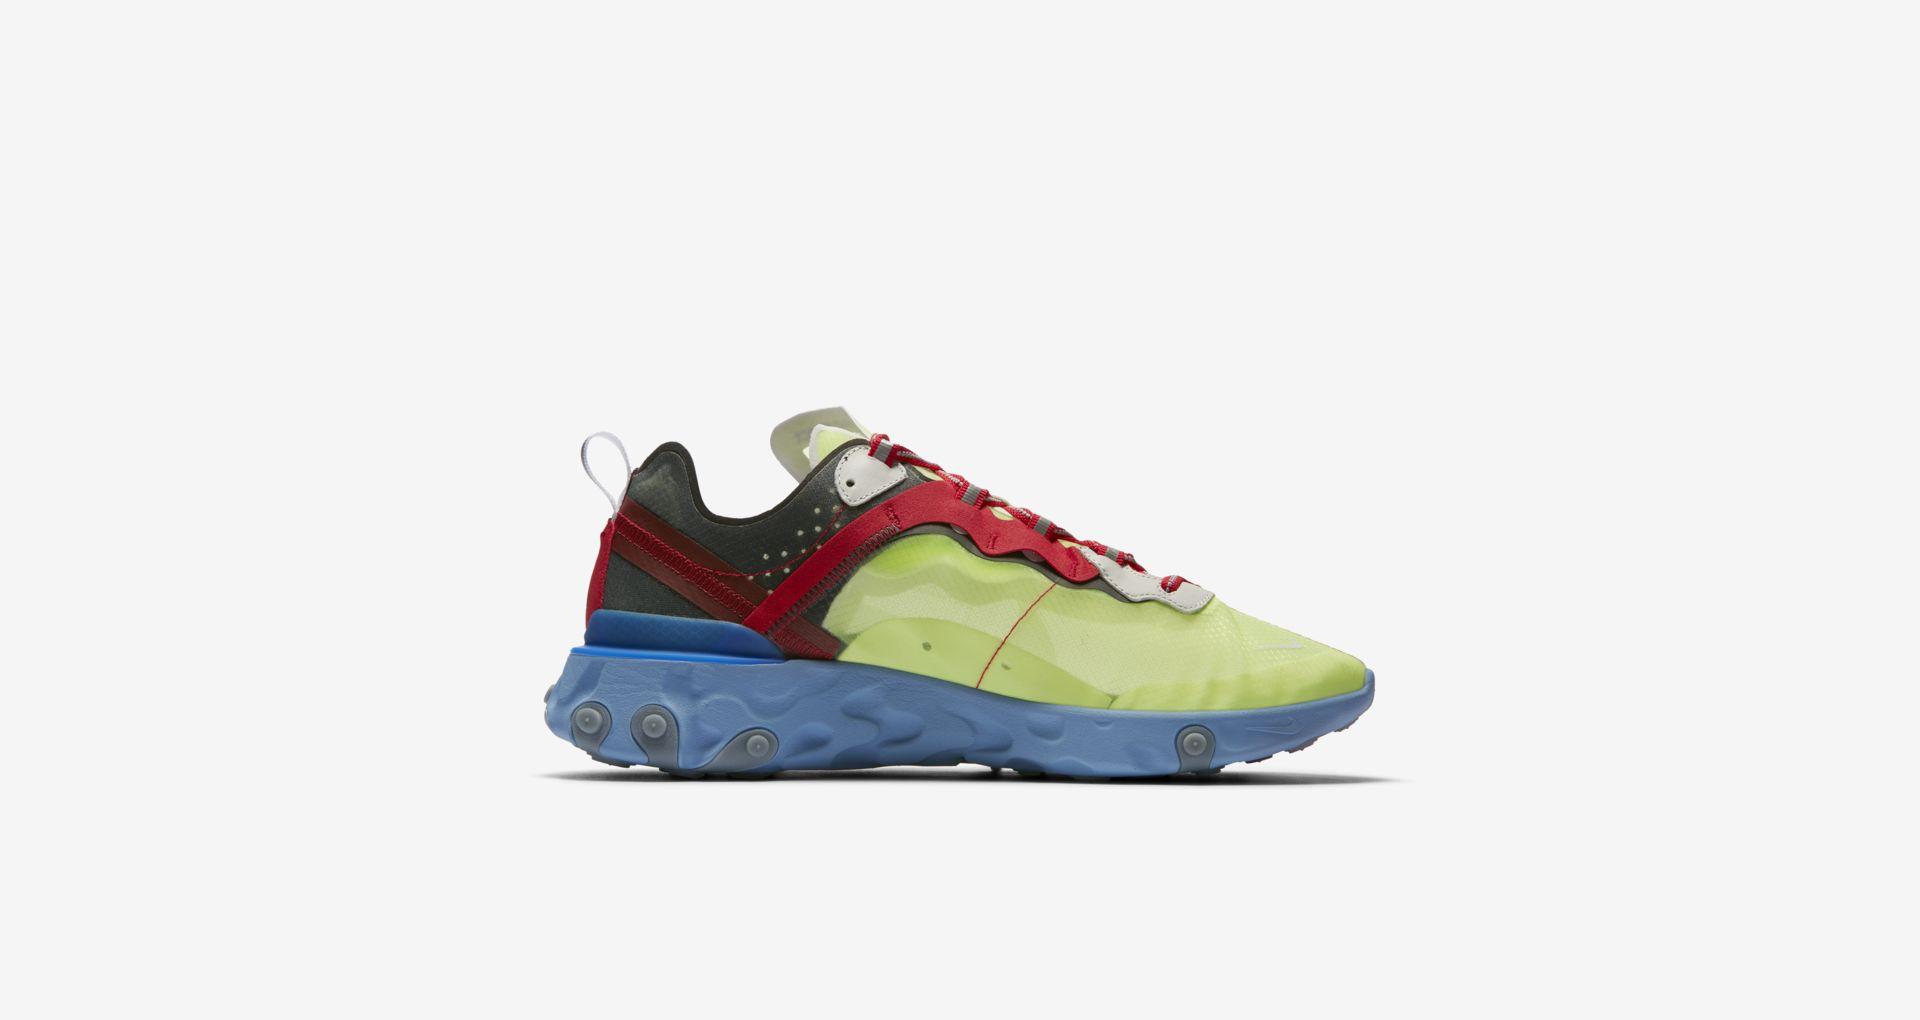 BQ2718 700 Undercover x Nike React Element 87 Volt 4